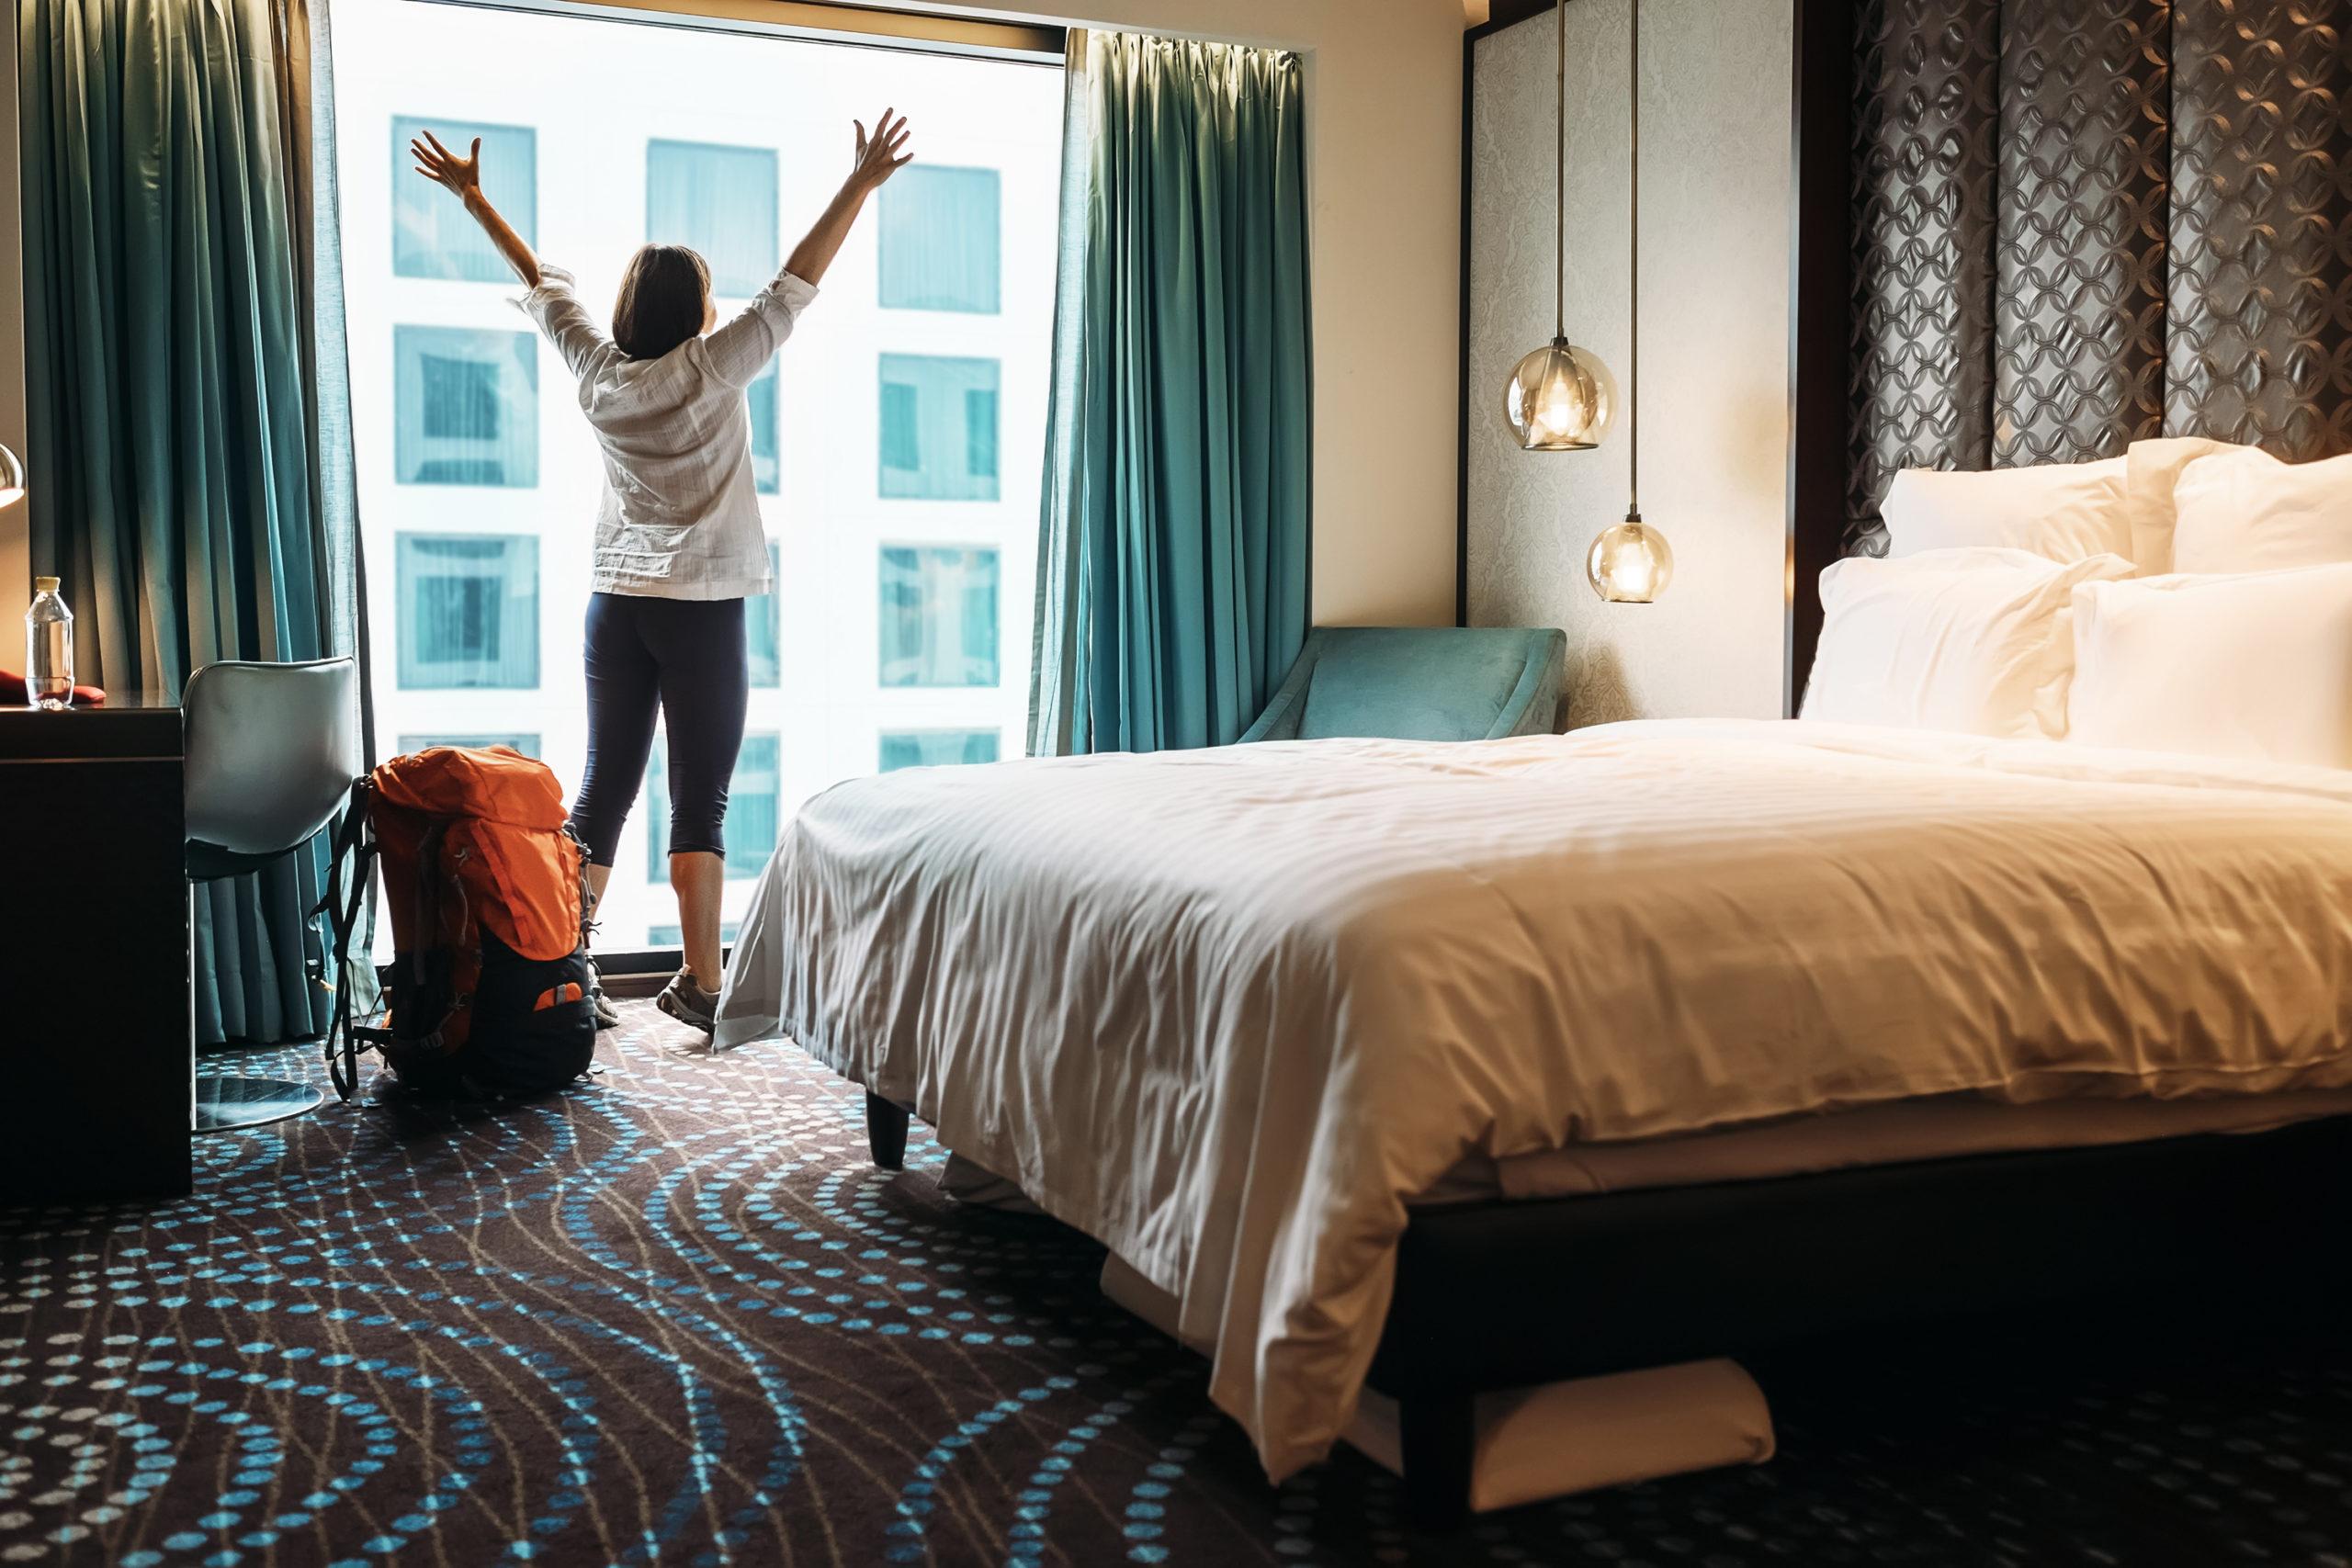 С чем придется распрощаться в отелях после пандемии